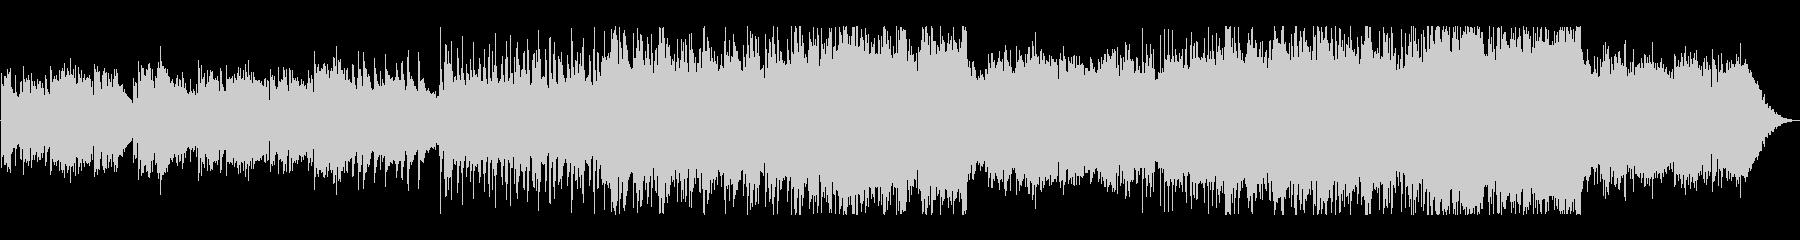 悲しみのピアノ・エレクトロの未再生の波形